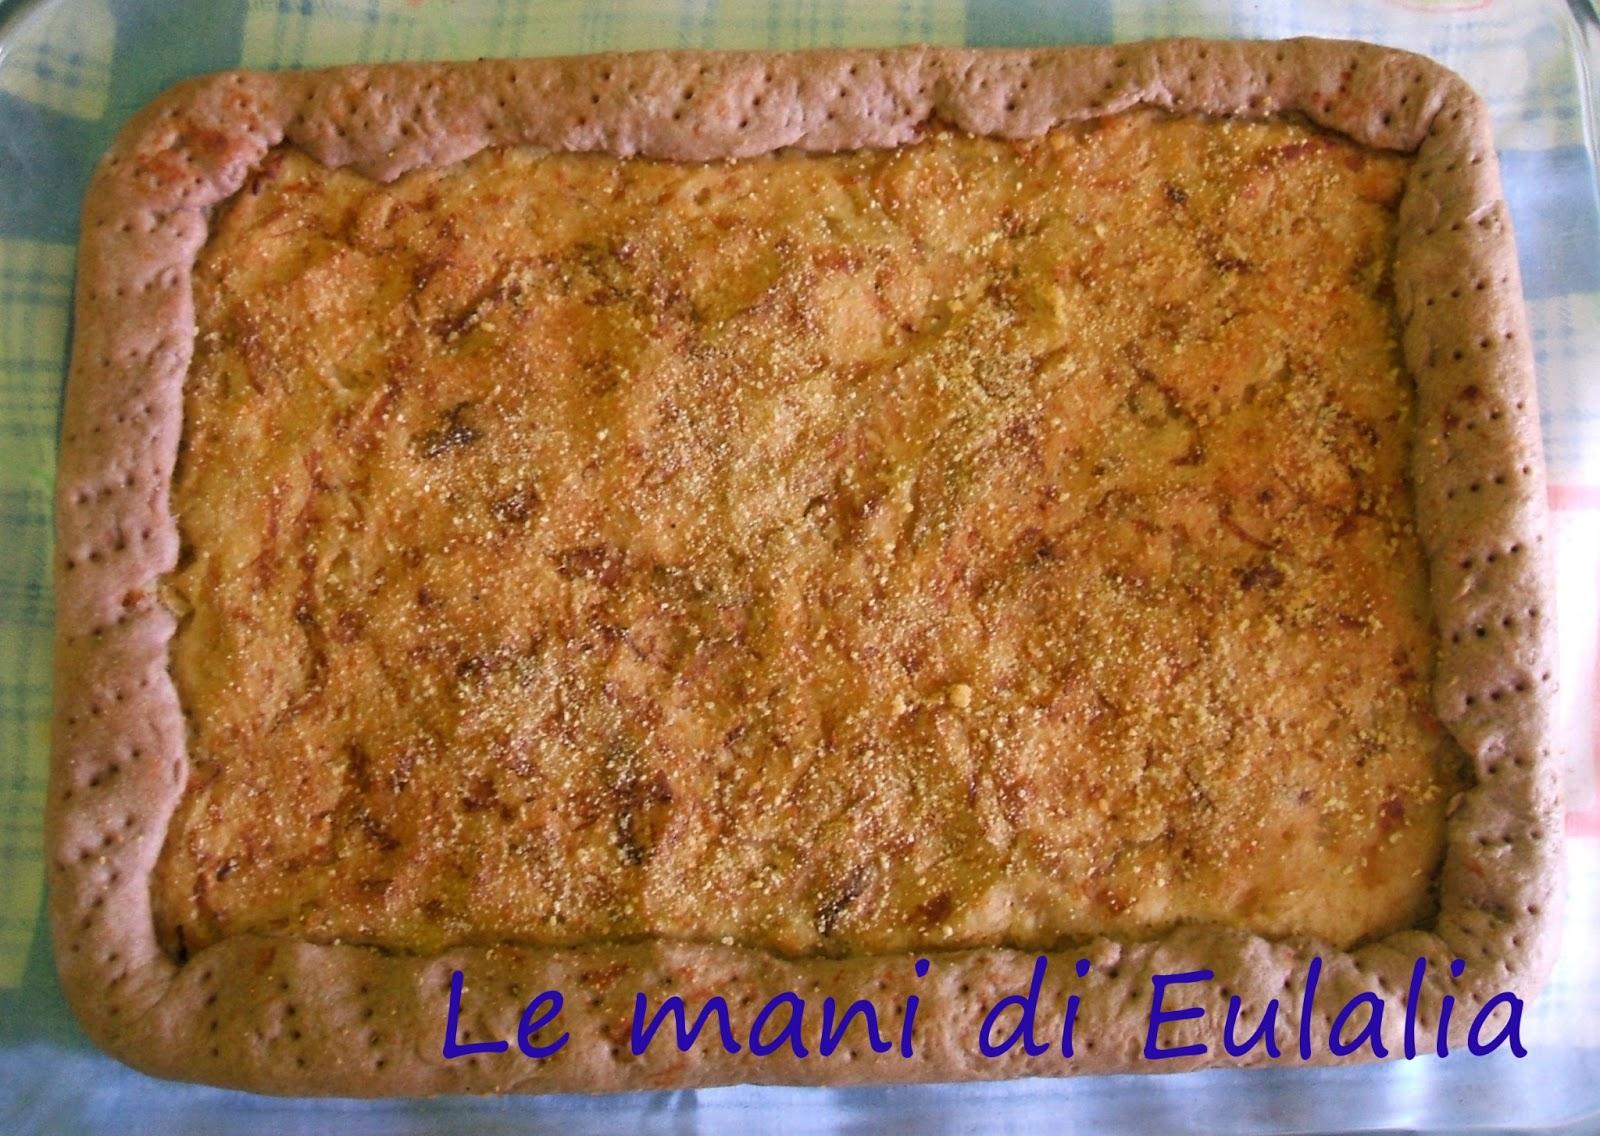 Le mani di eulalia giugno 2013 - Cucinare il cavolo ...